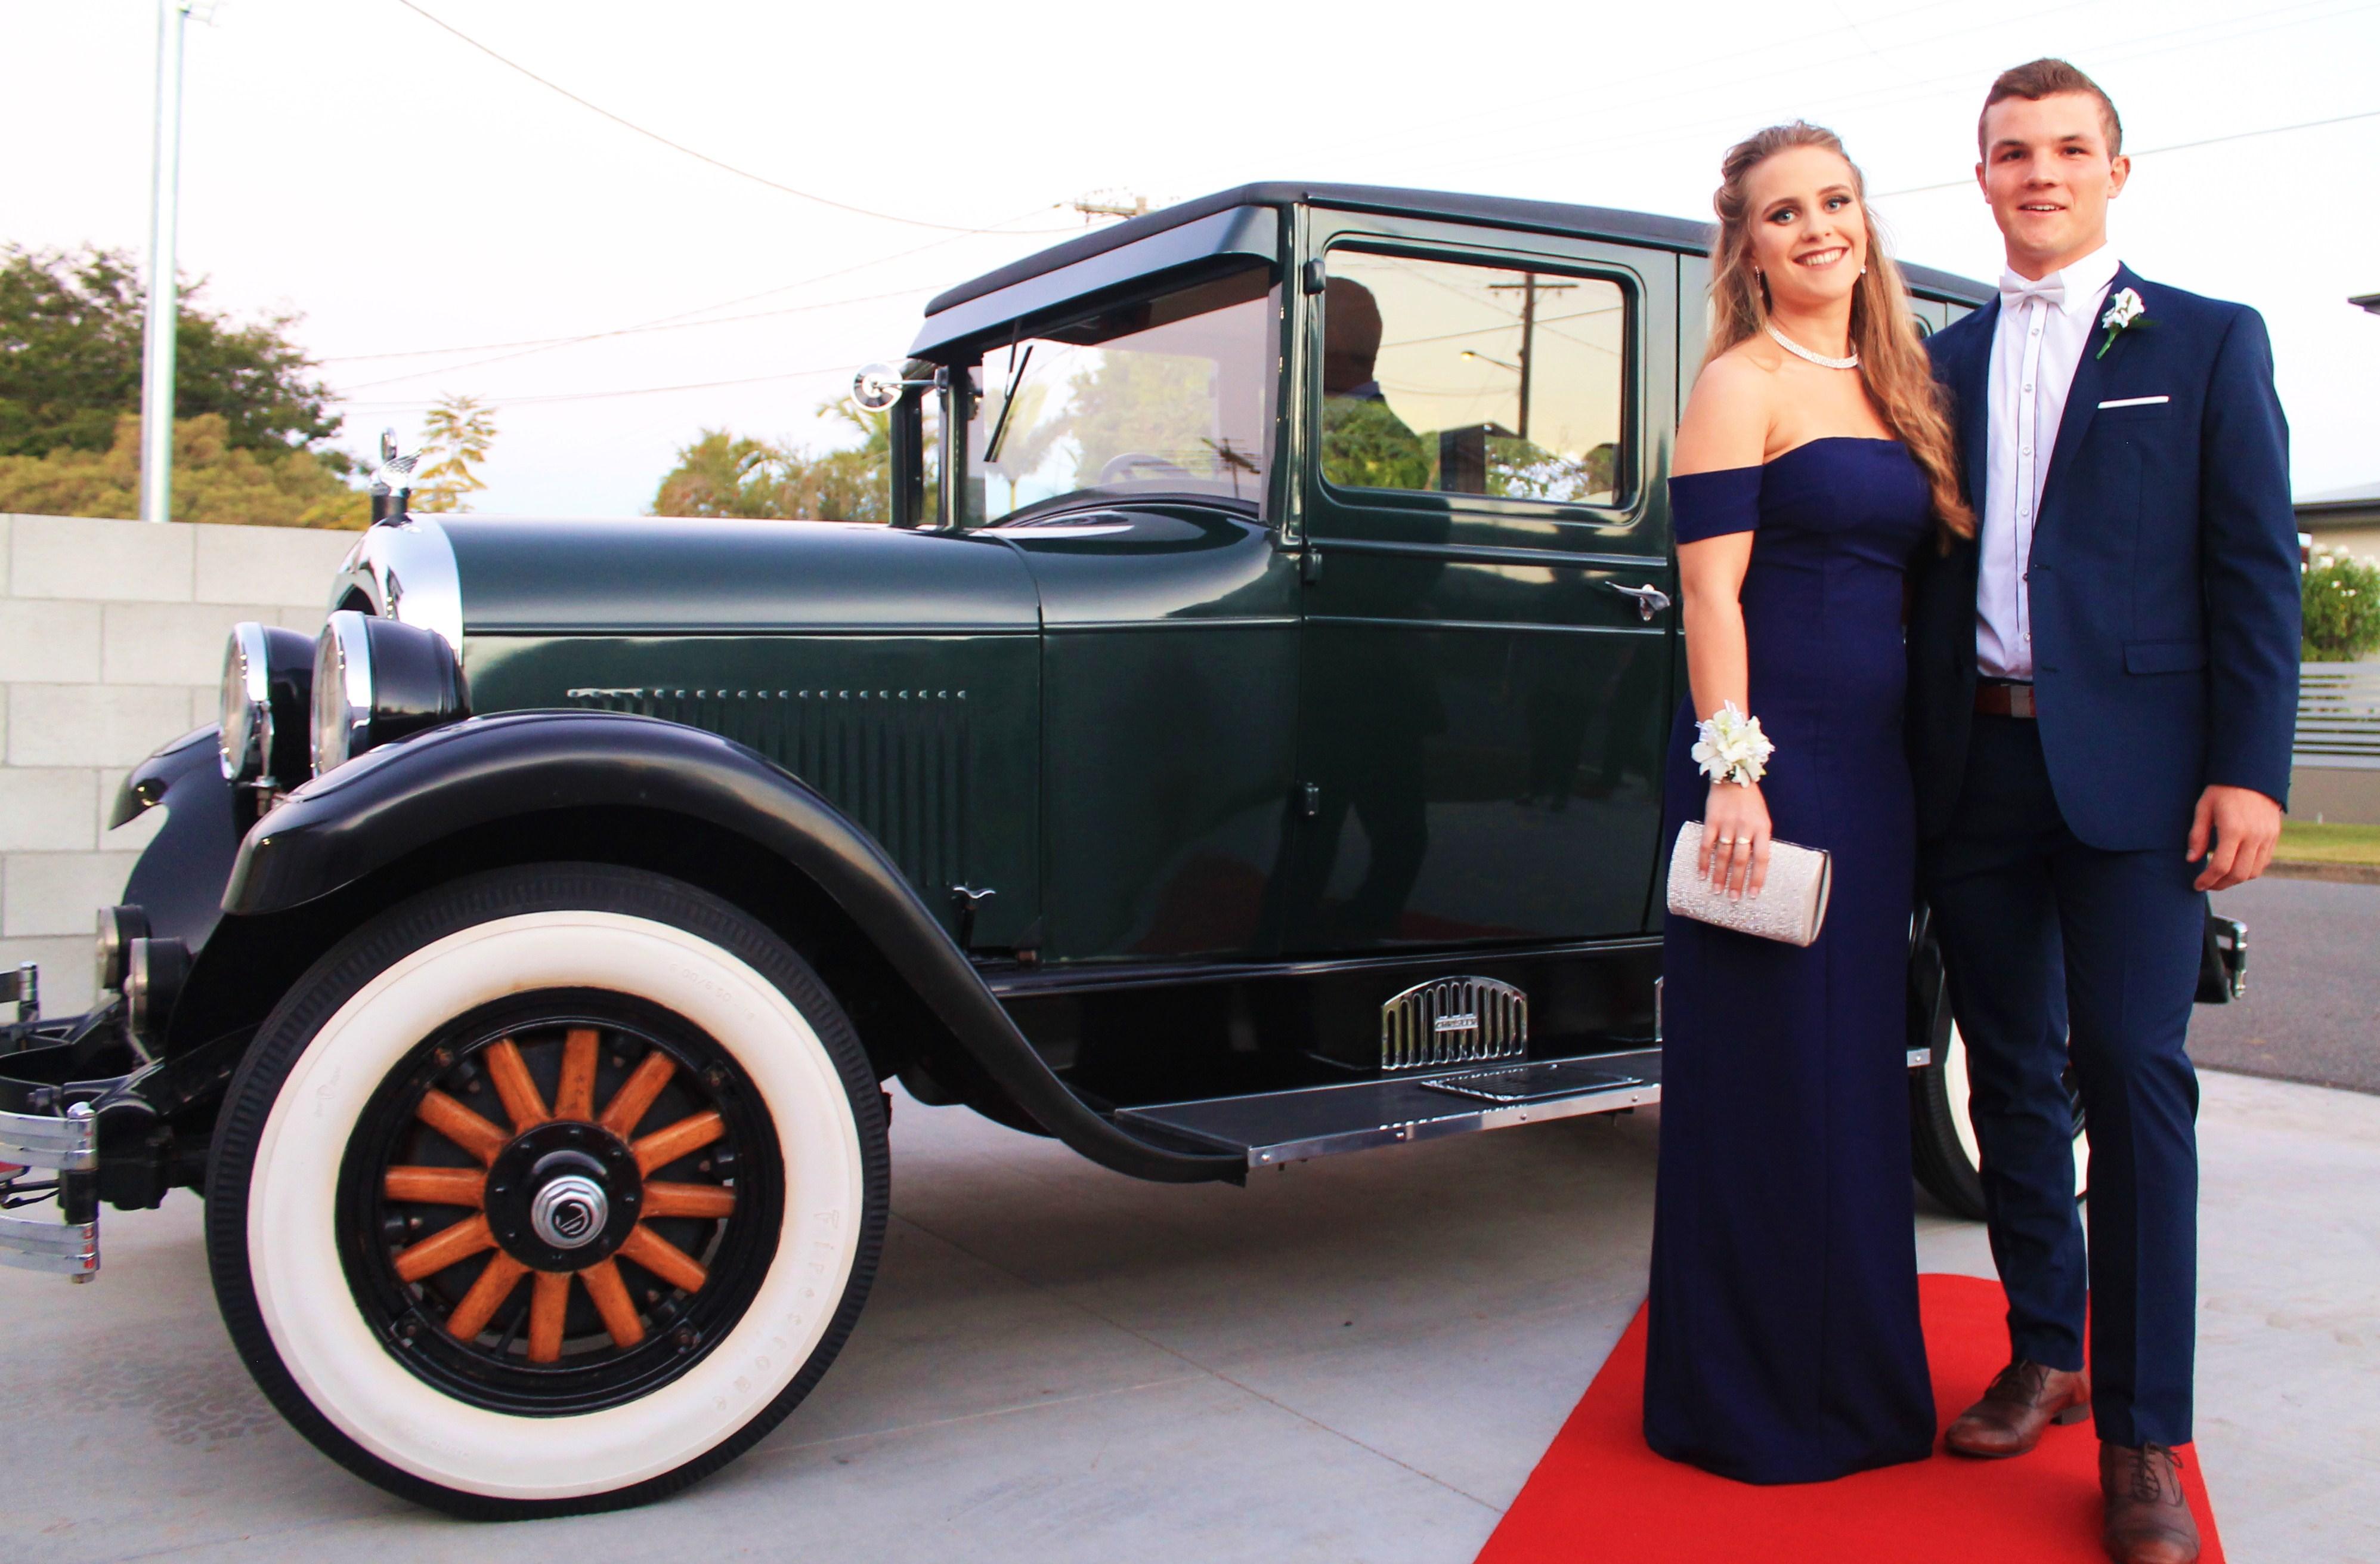 Brisbane school formal car hire